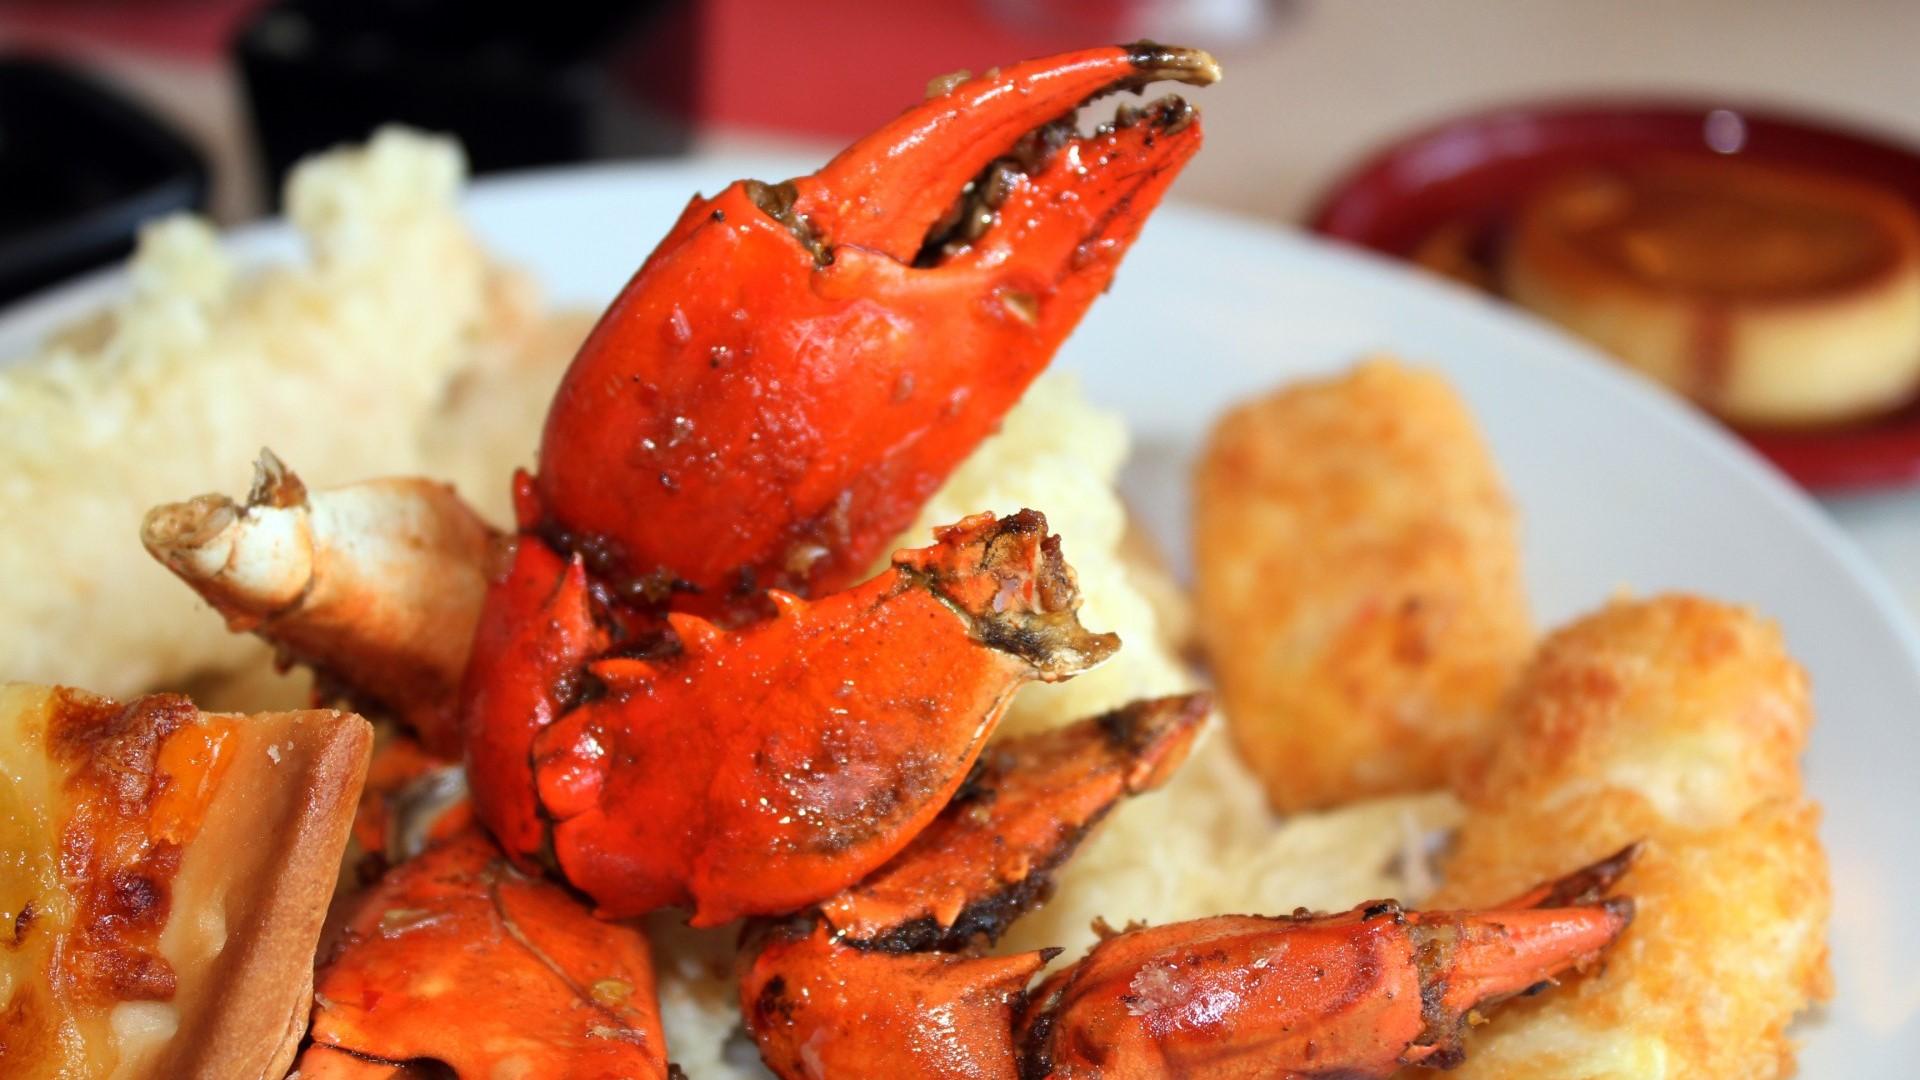 saute-crab_1551288181849-60009932.jpg